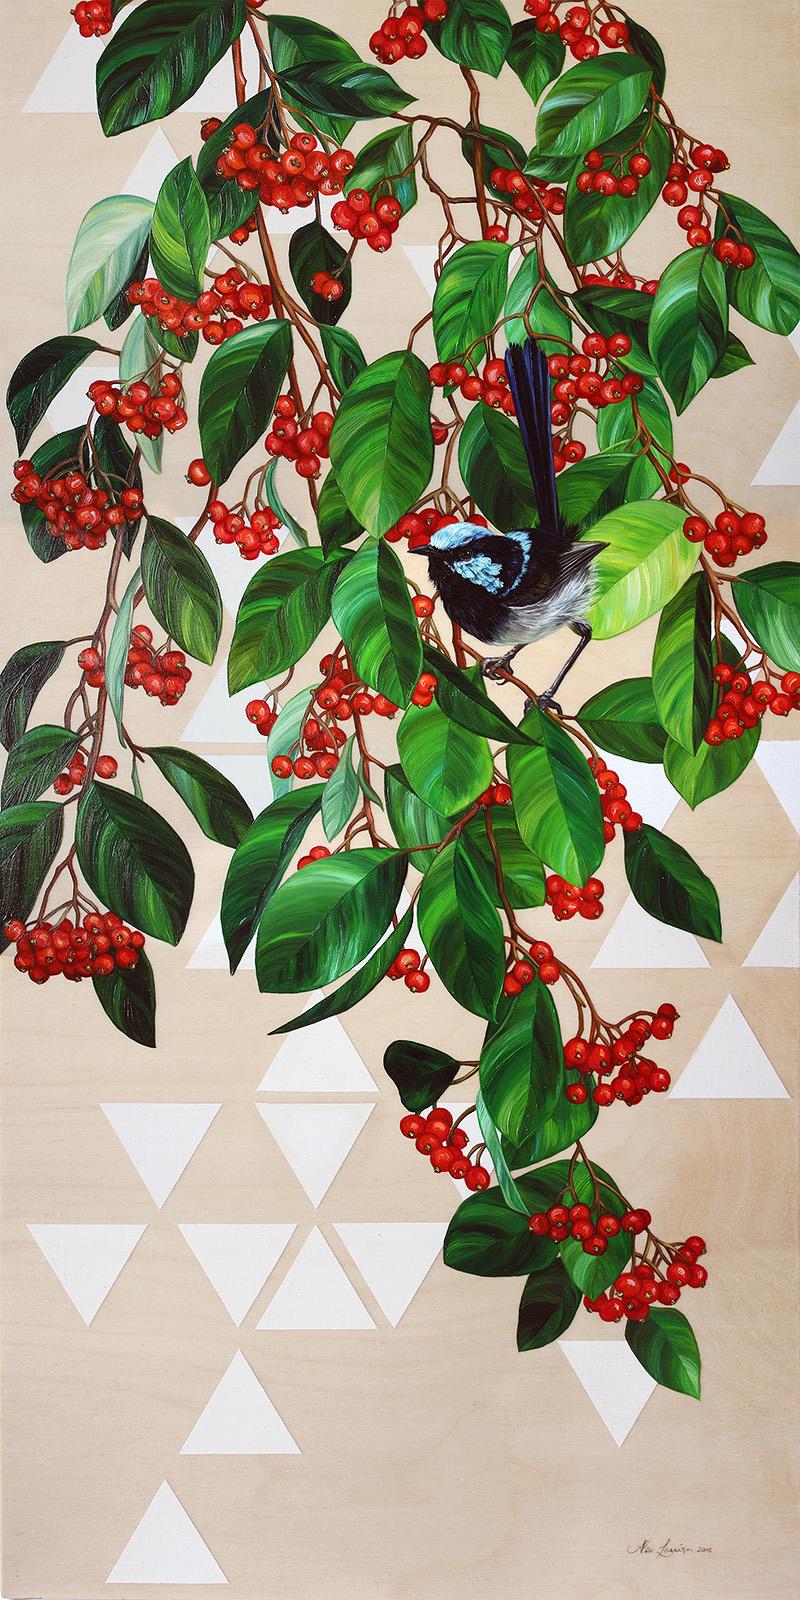 Geo 3: Wren and Berries